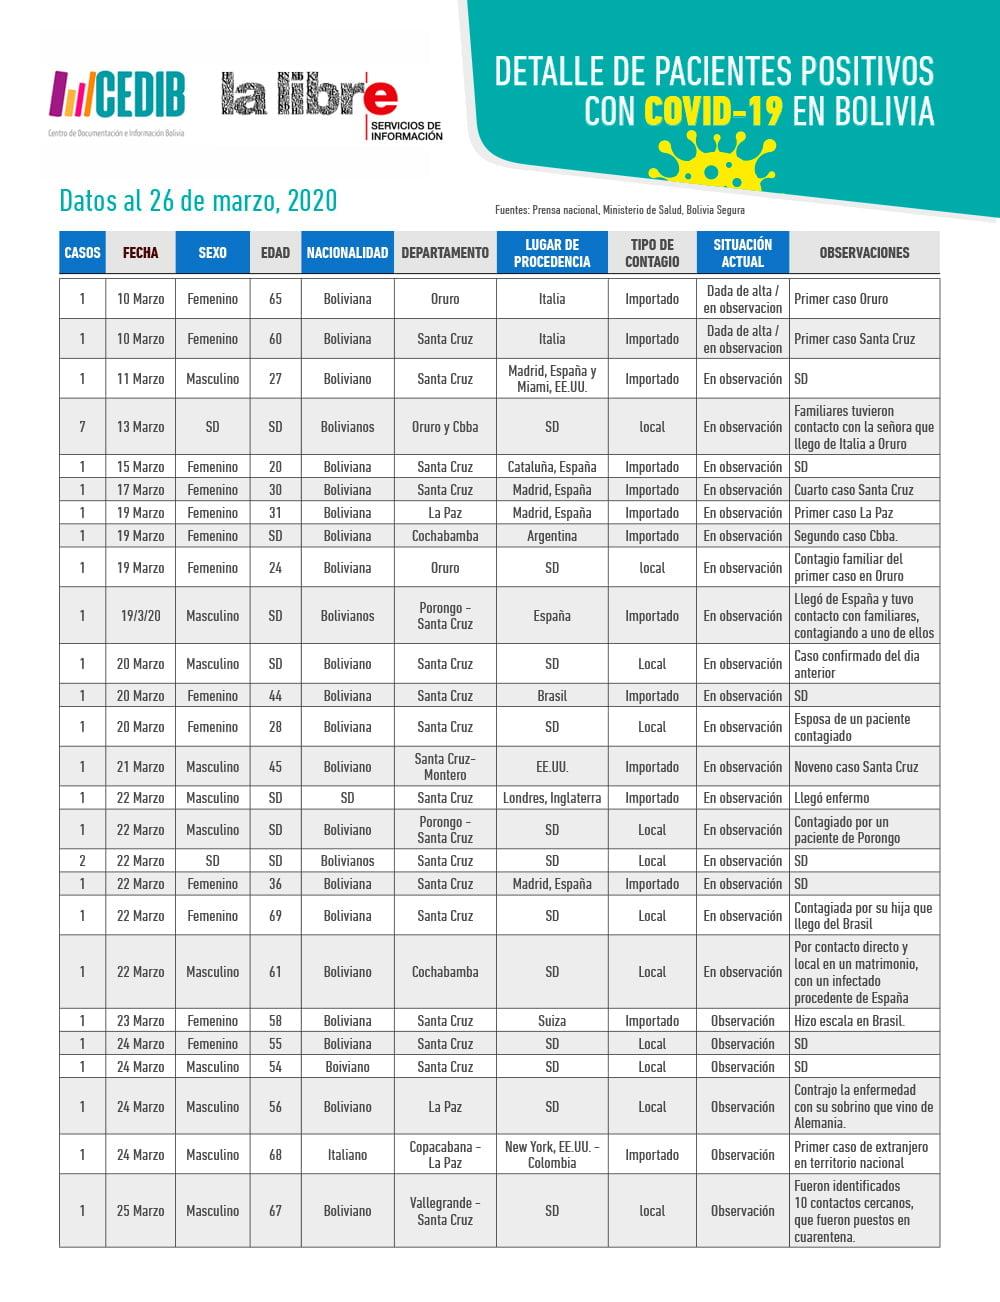 Cronología: Detalle de pacientes positivos con COVID19 en Bolivia (26.3.20)